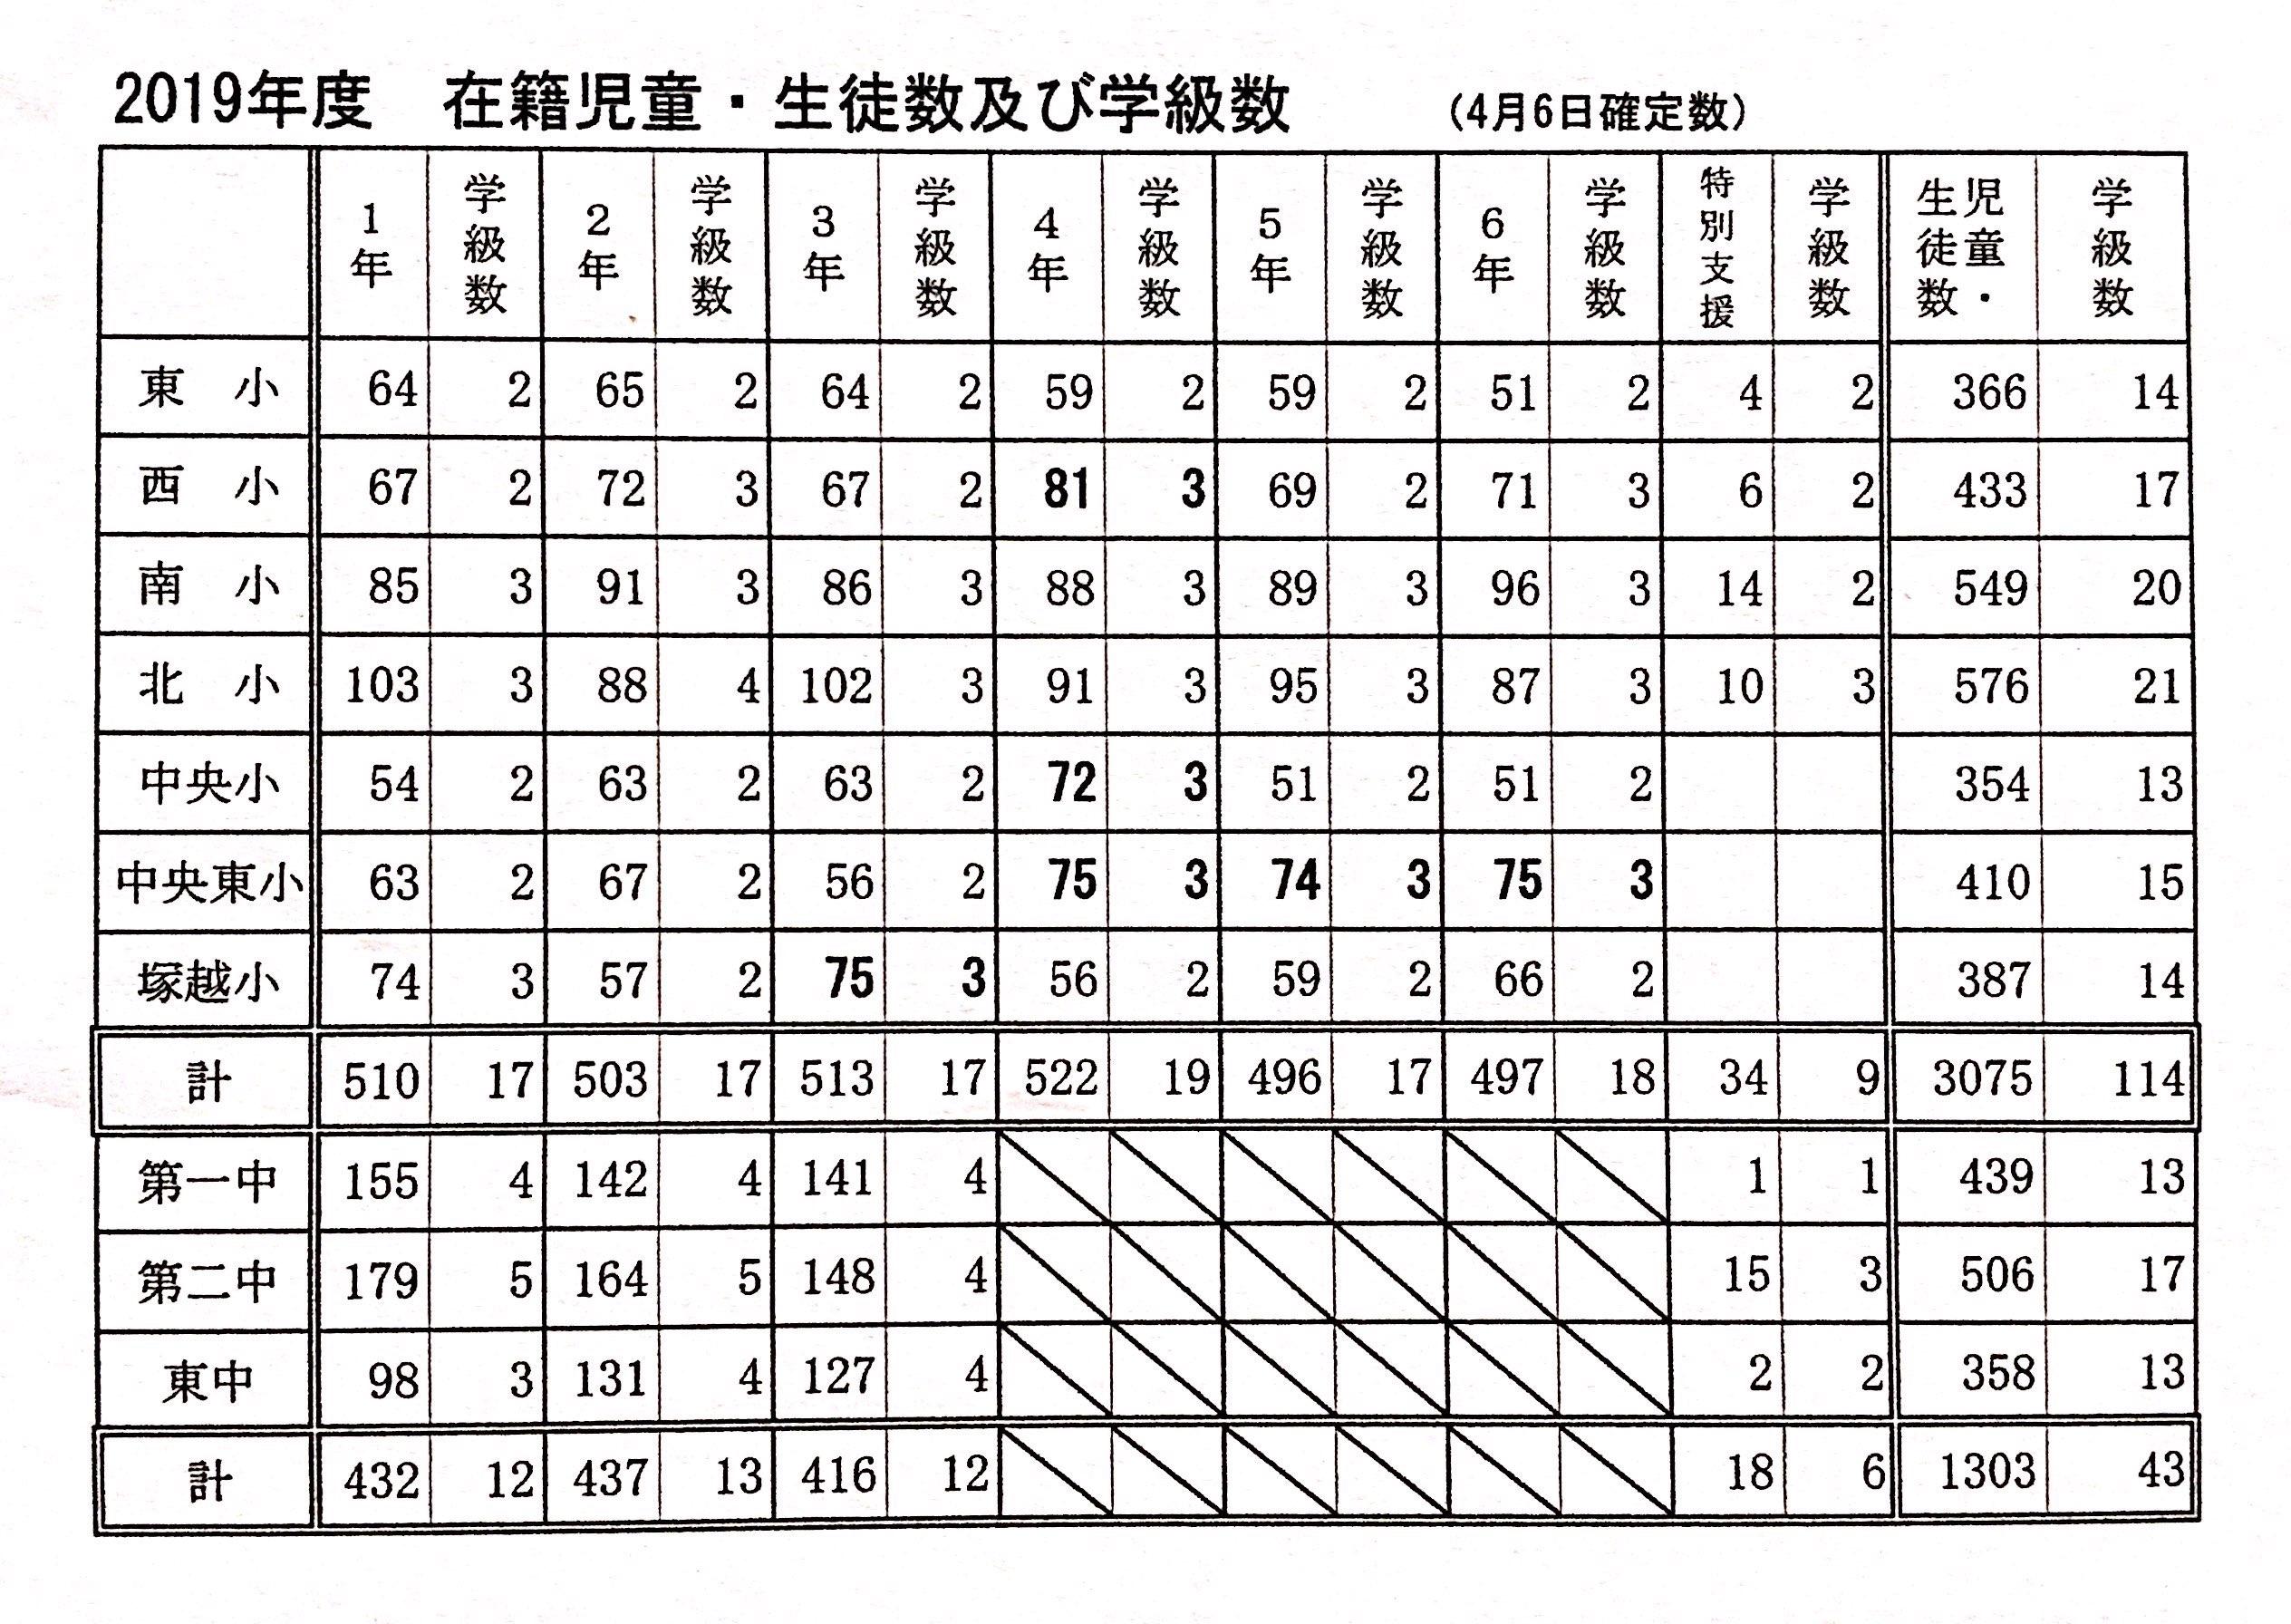 ※ 太字 は、蕨市独自の35人学級の対象となった学年